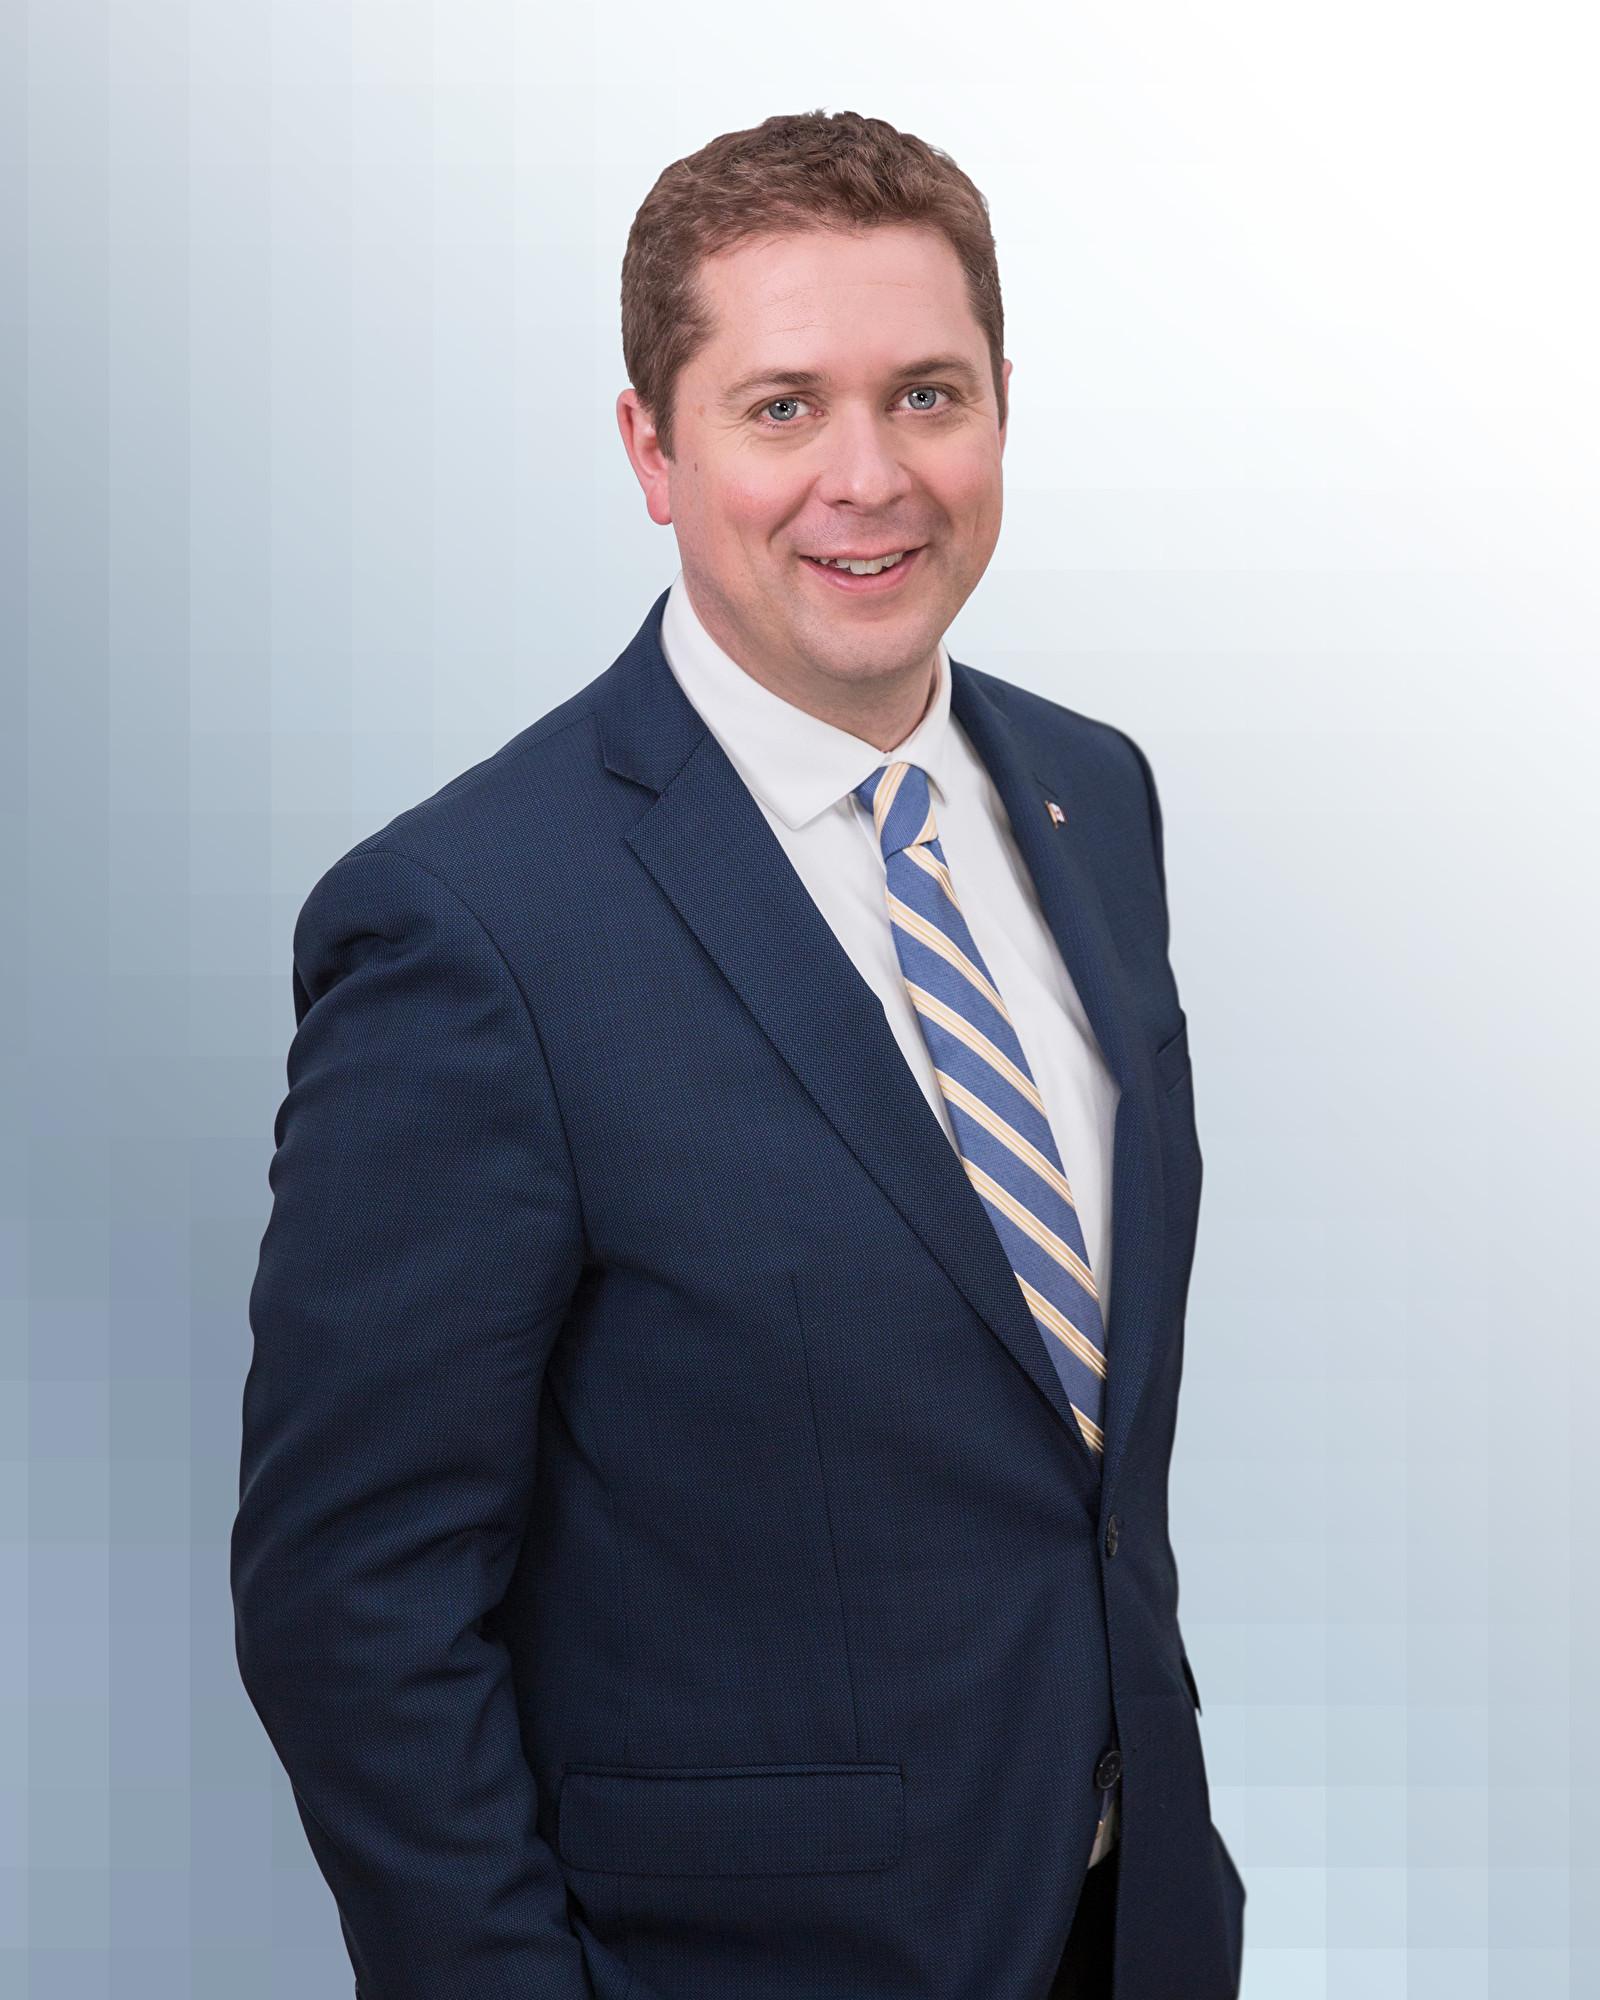 加拿大聯邦反對黨領袖、保守黨國會議員安德魯‧希爾(Andrew Scheer)